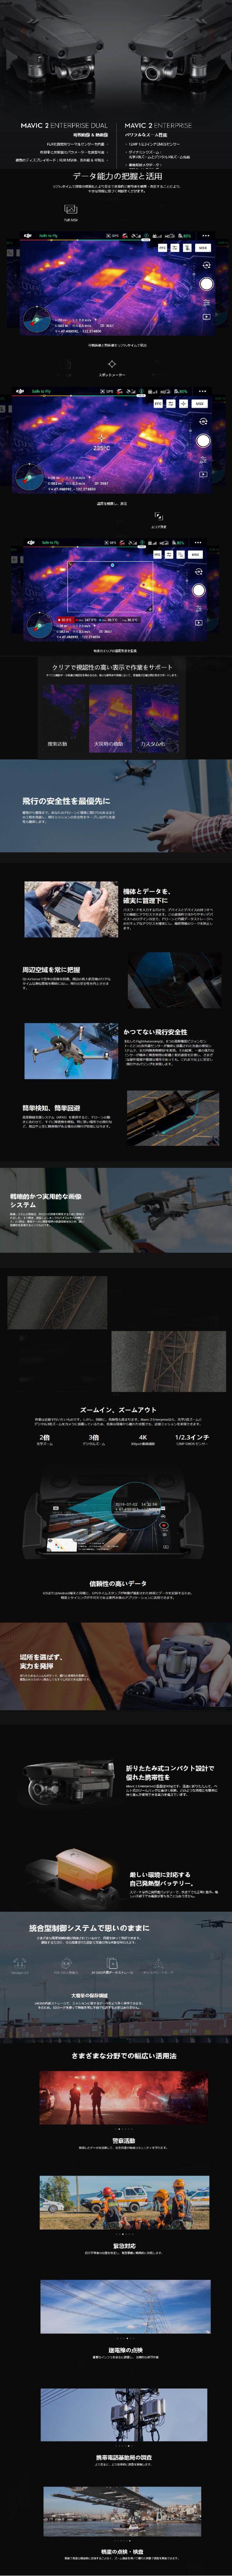 DJI Mavic 2 Enterprise DUAL(産業用) NEW 赤外線&可視光デュアルカメラ搭載